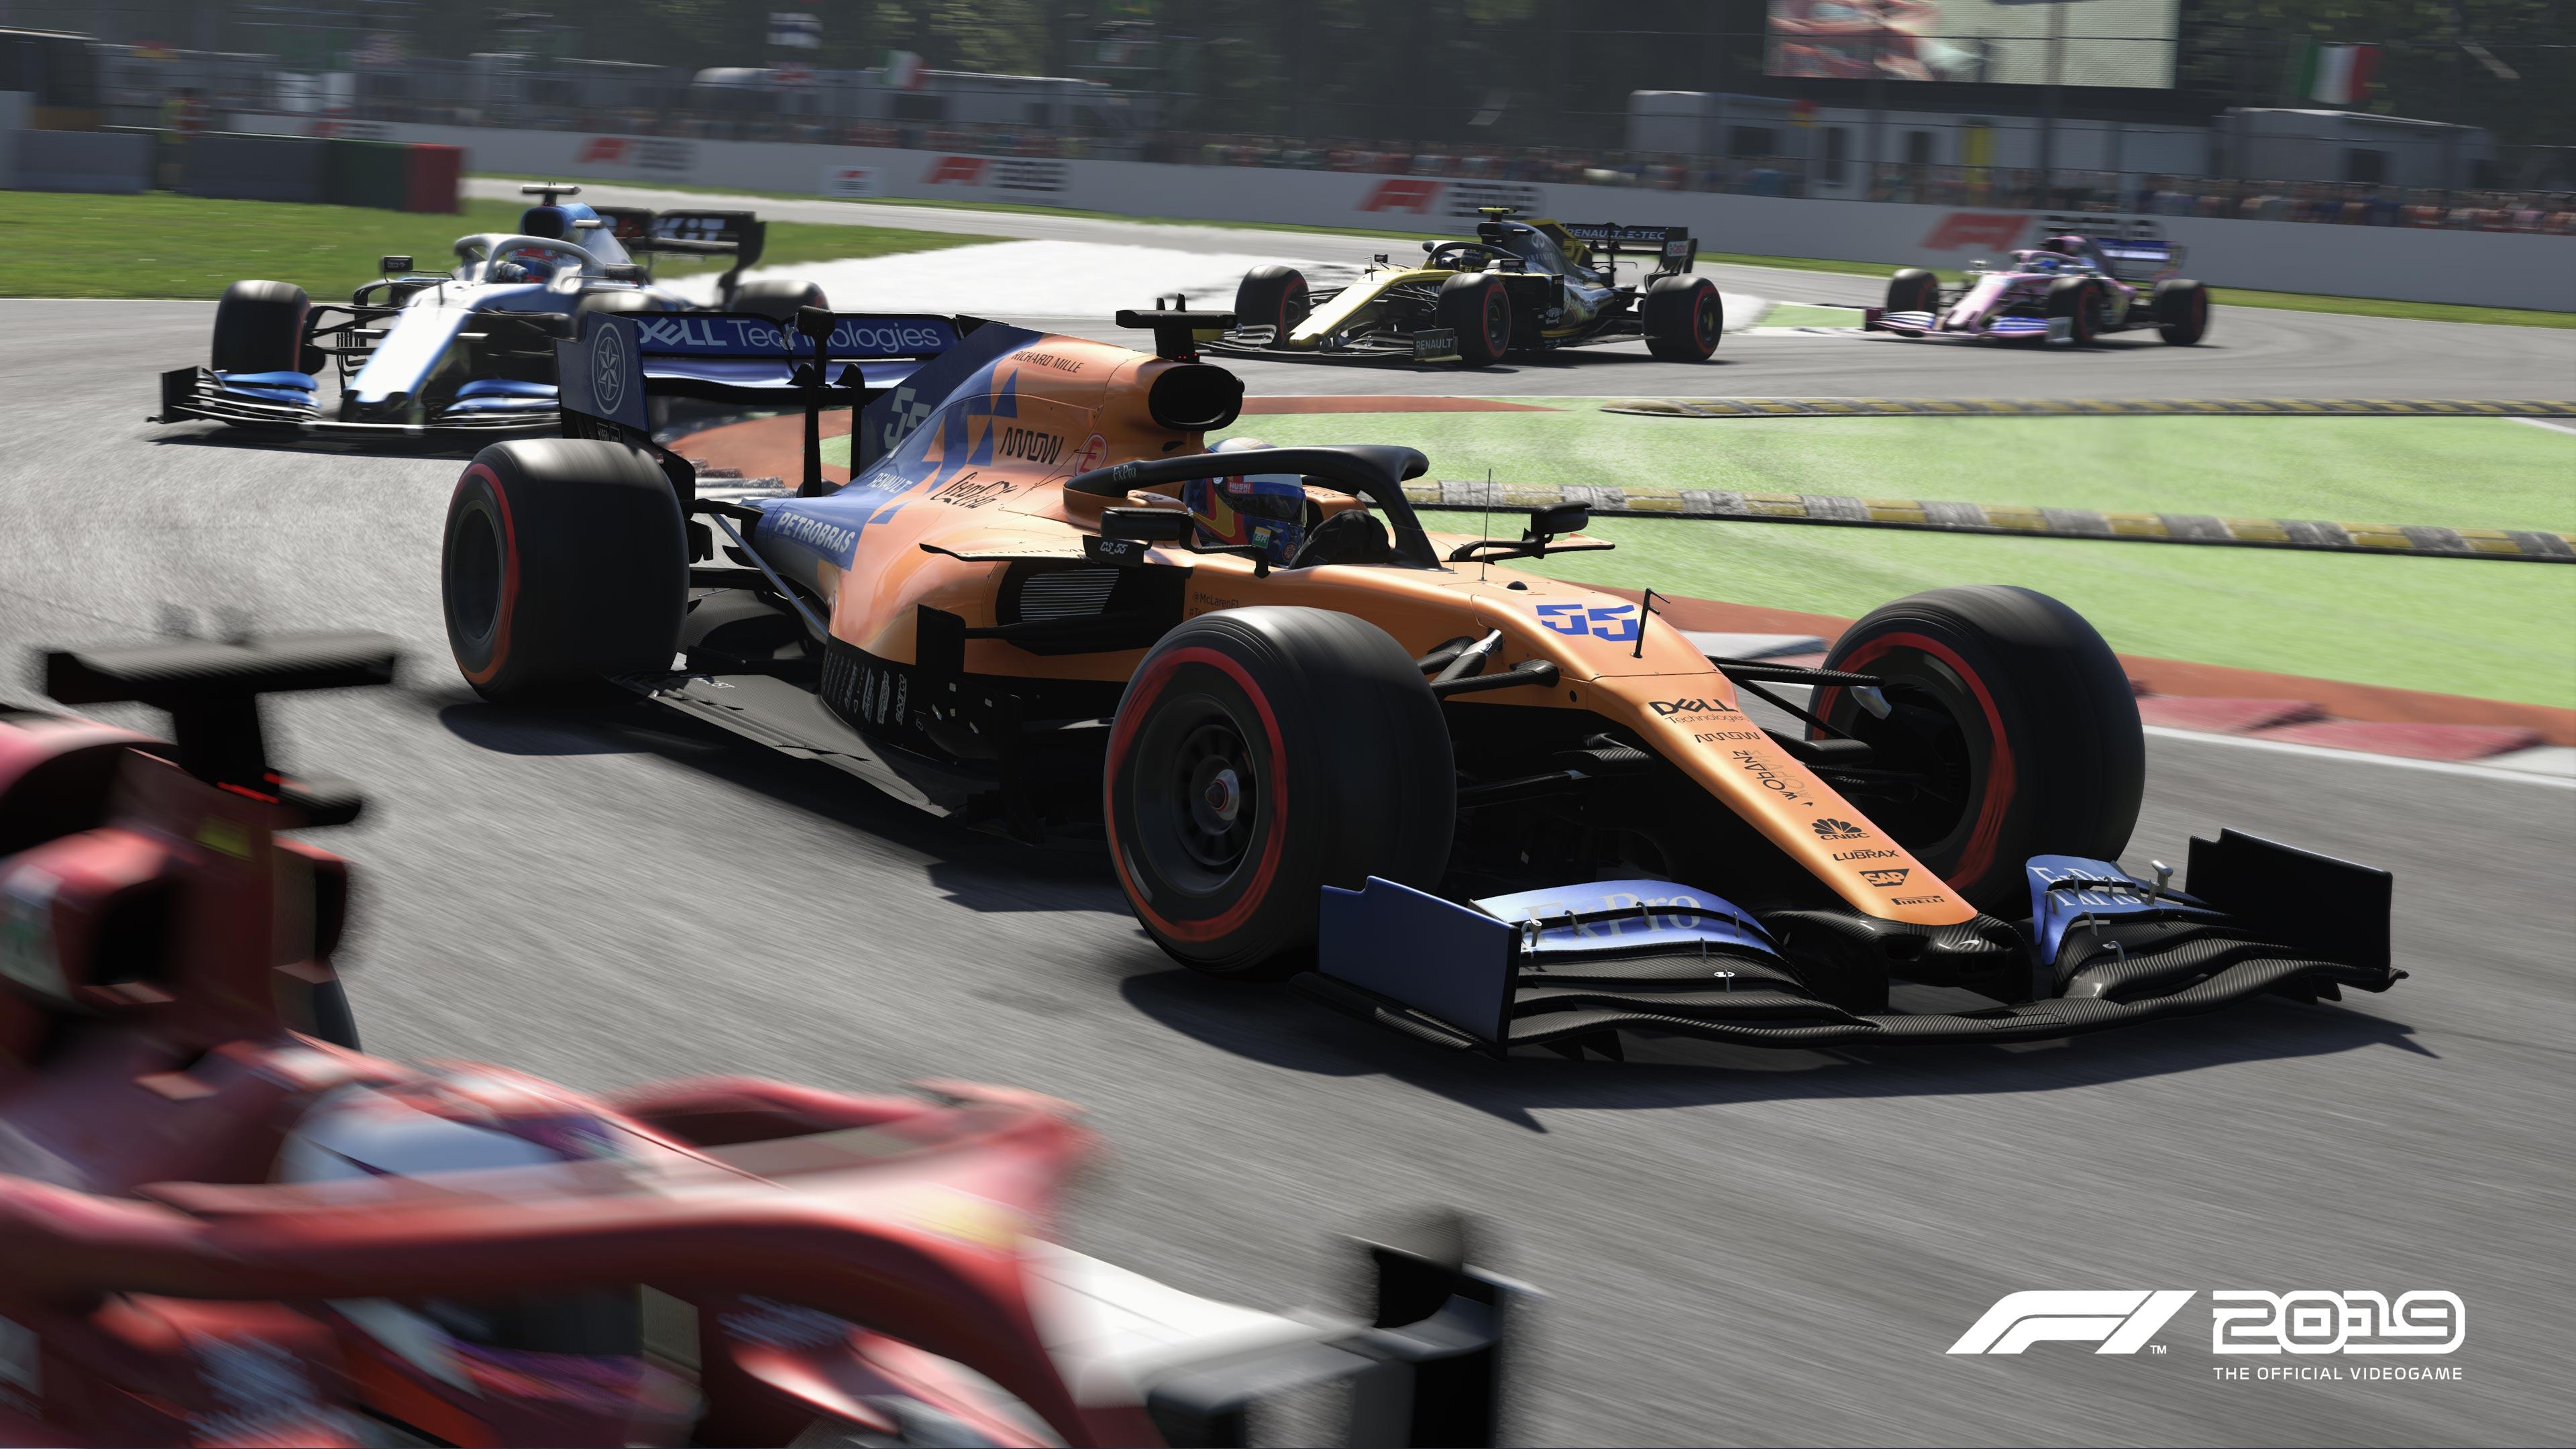 F1 2019 Codemasters Racing Ahead